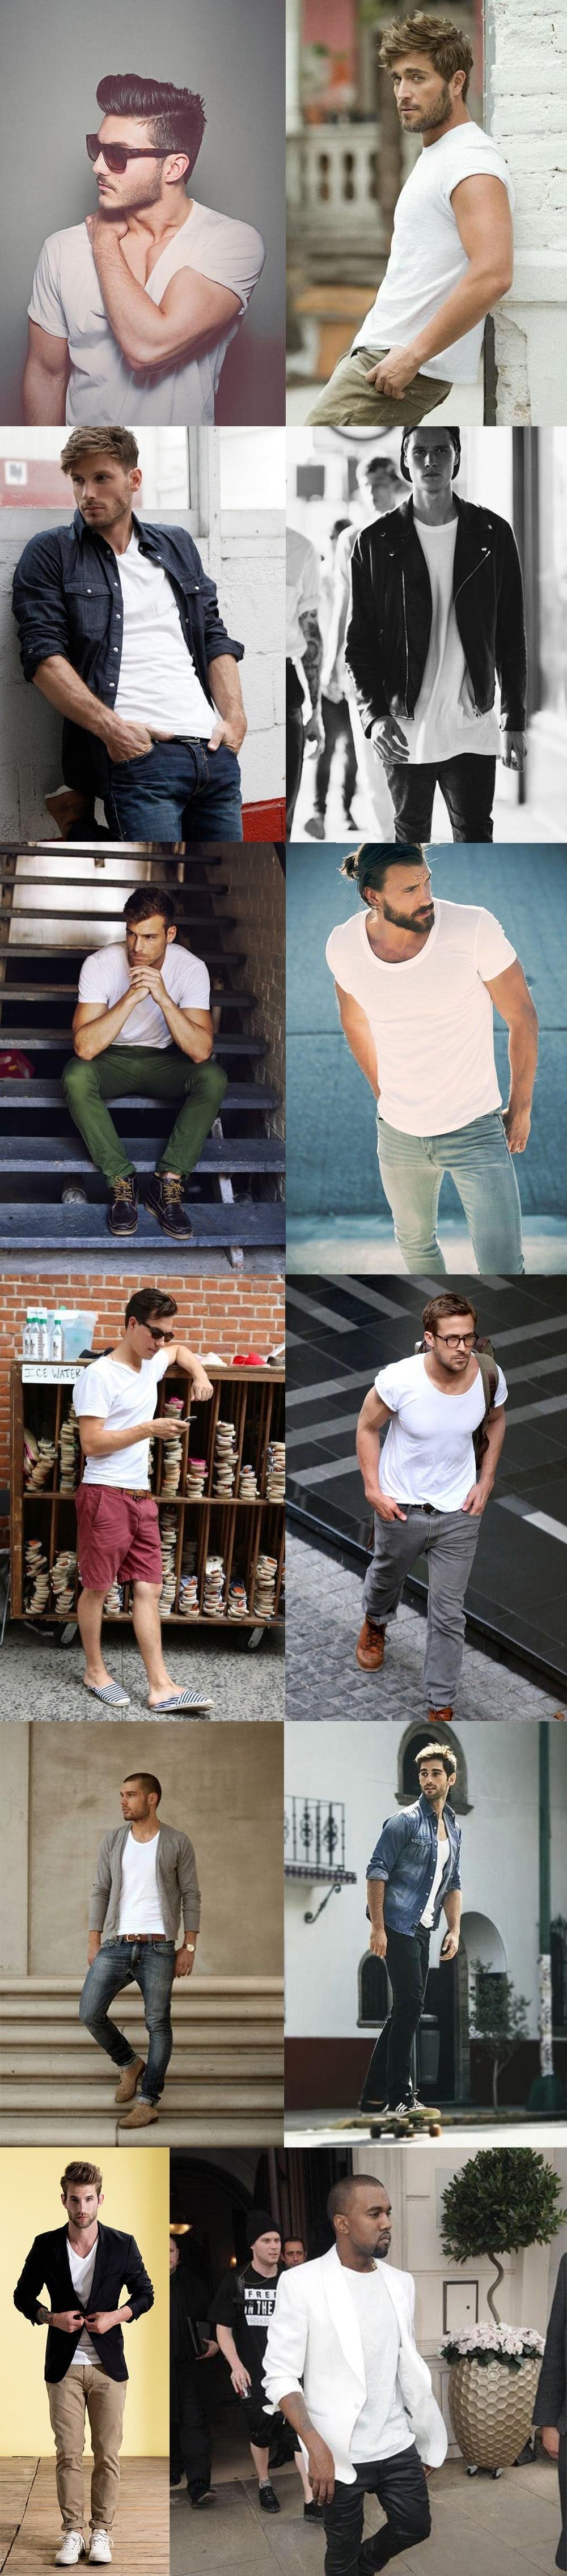 camisa branca masculina como usar homens que se cuidam 1